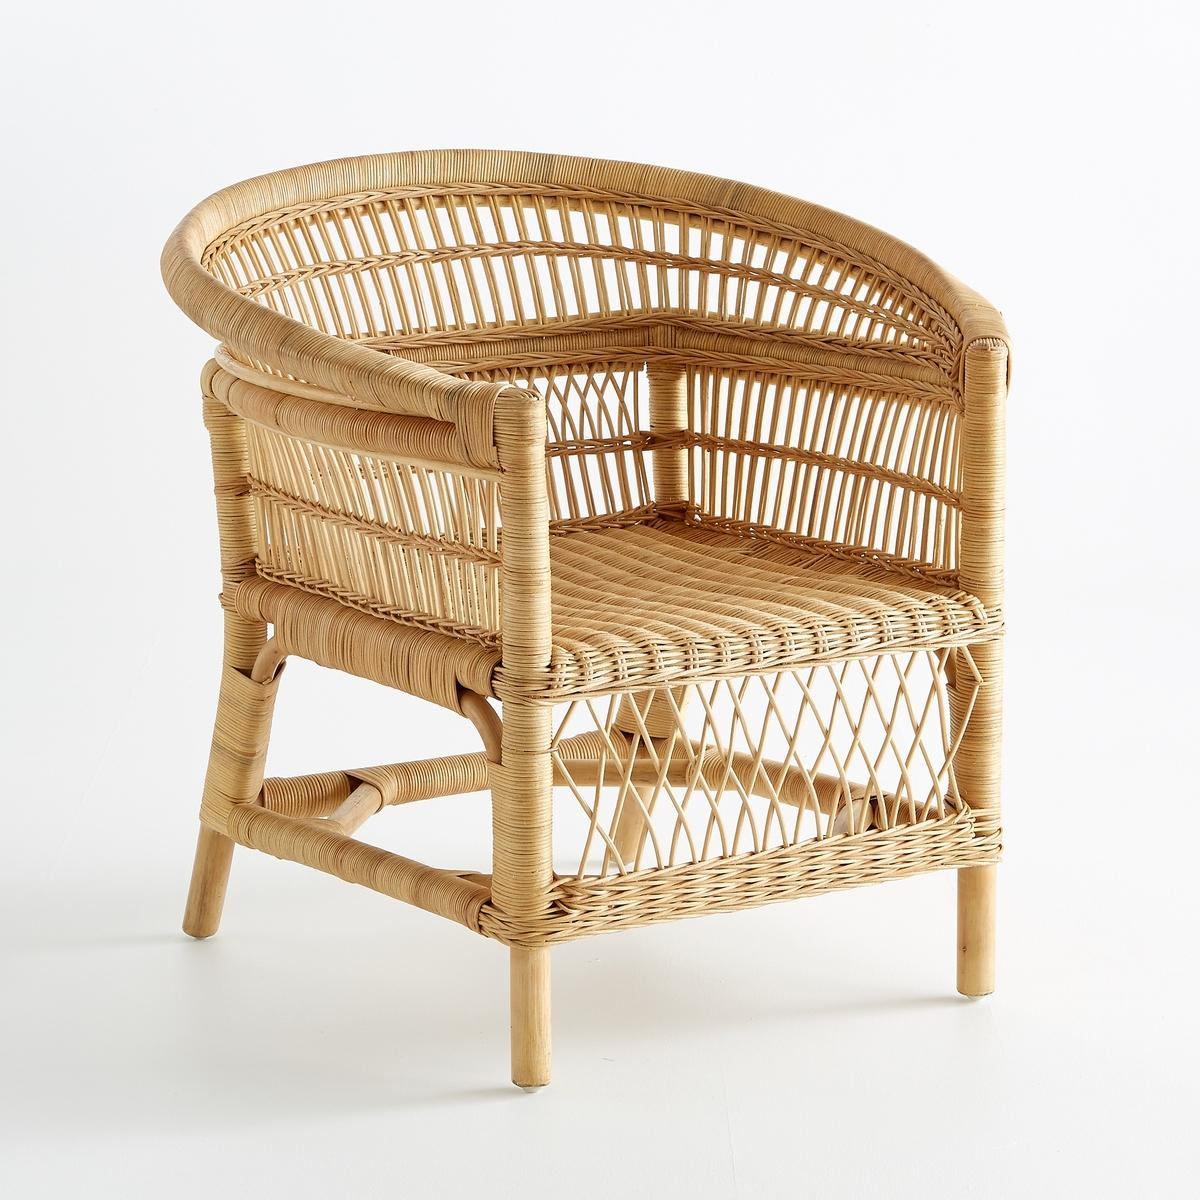 Кресло LaRedoute Ротанговое Malu единый размер бежевый скамья laredoute из ротанга malu единый размер бежевый